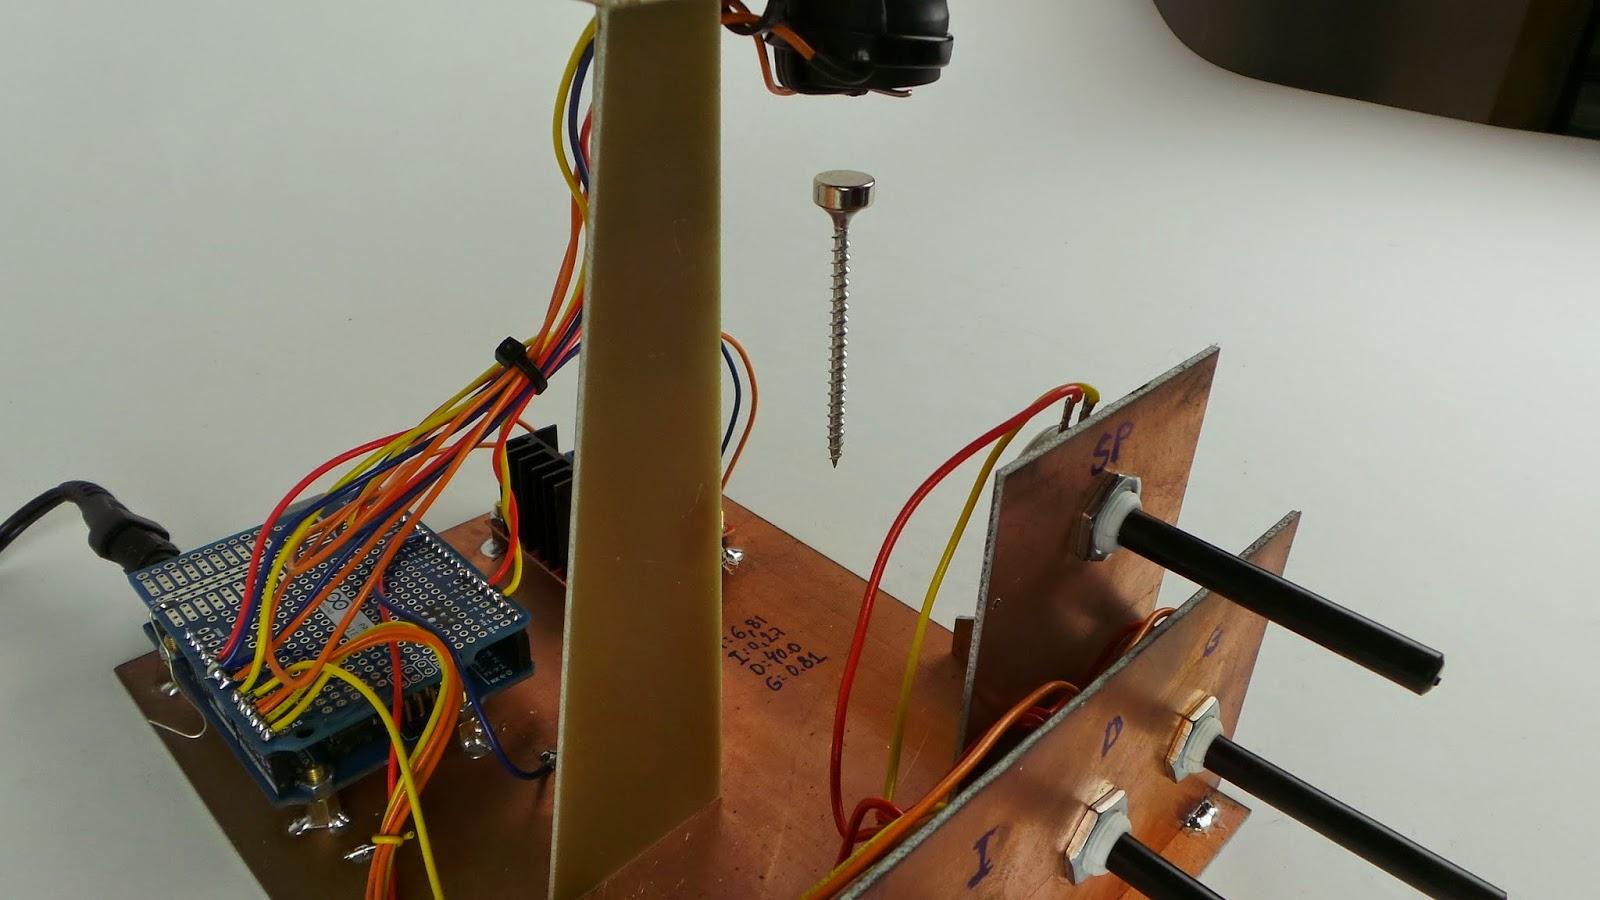 Dzl's Evil Genius Lair: Magnetic levitation